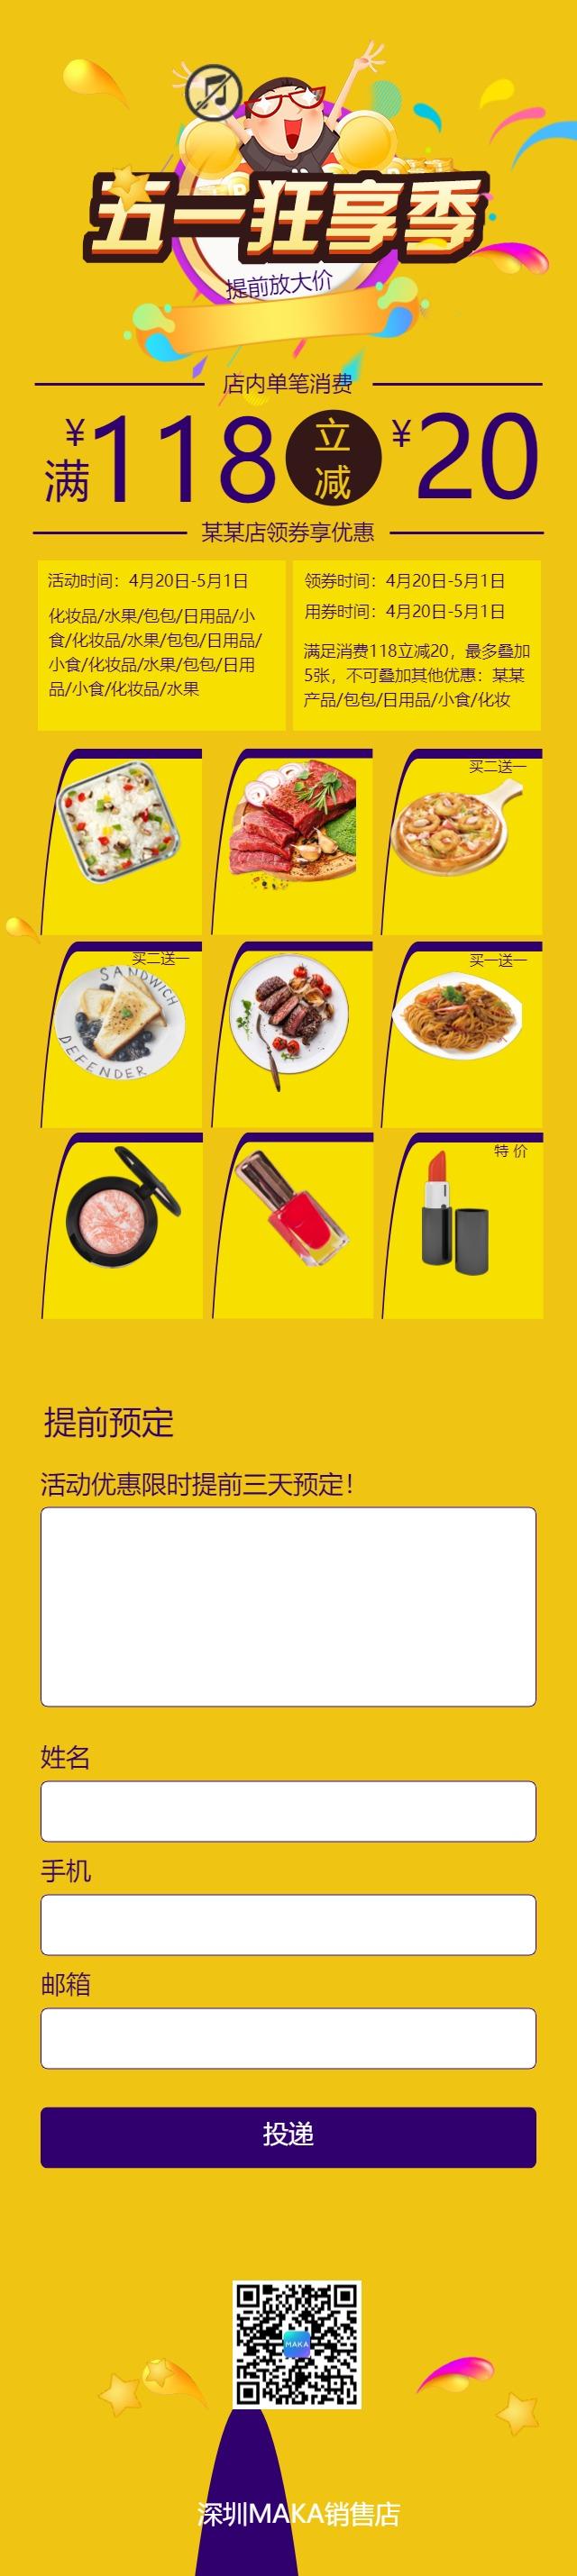 五一促销店铺商家产品促销宣传活动单页